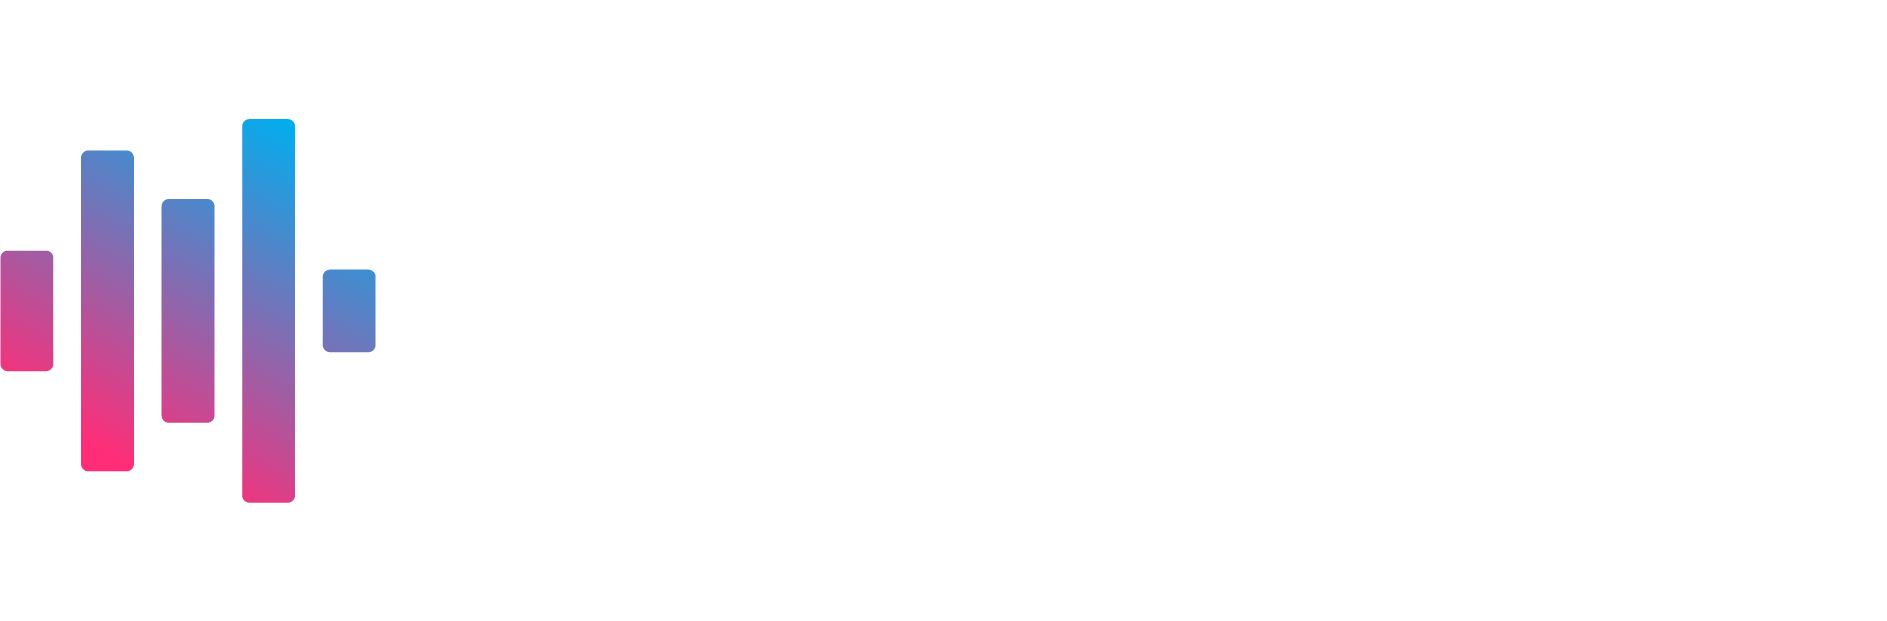 MMJ_logo_color_wht_text_crop